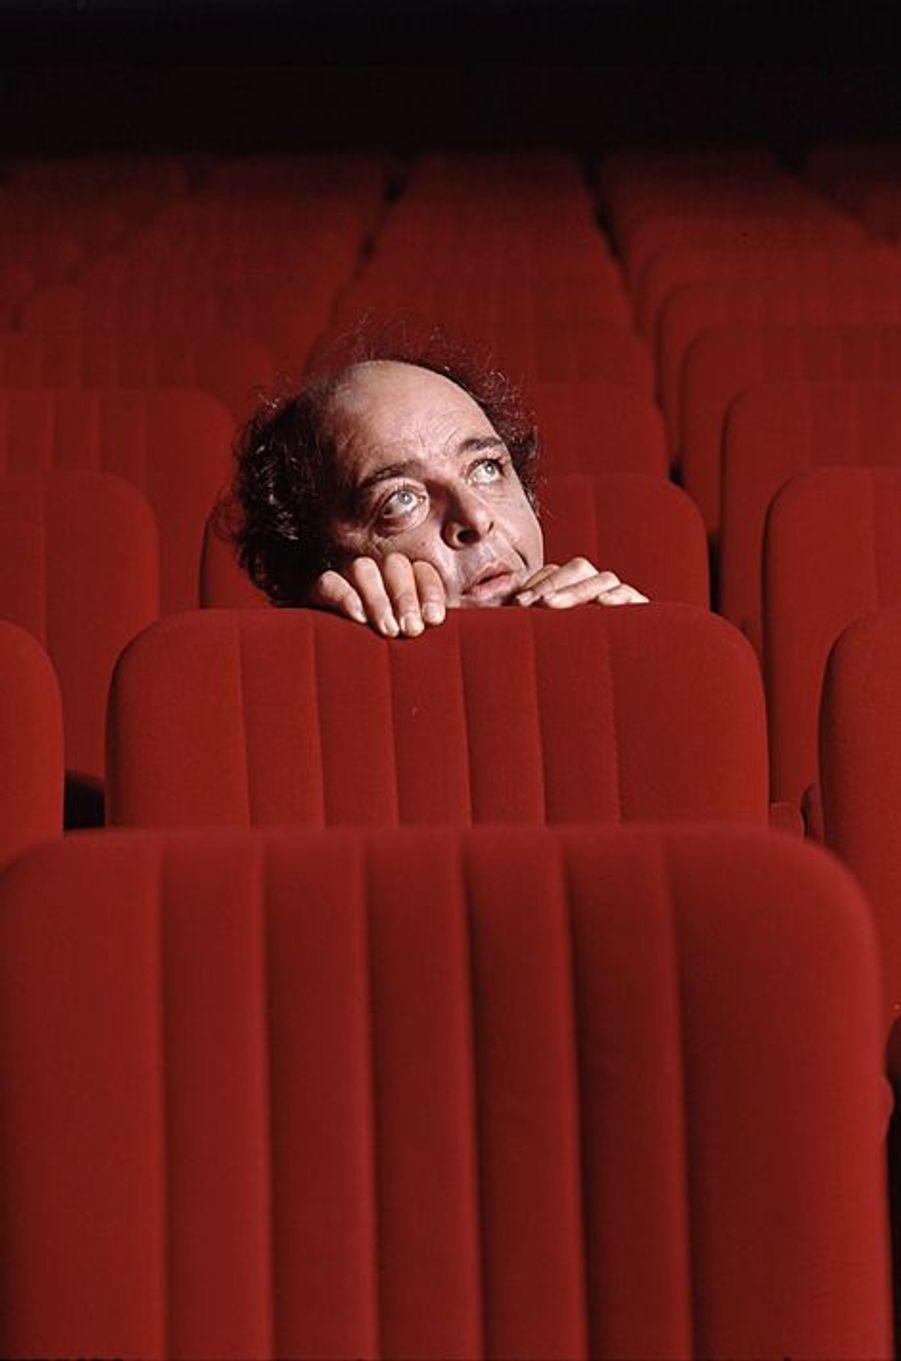 """Jacques Villeret pose dans les fauteuils du théâtre Fontaine à Paris, ou il joue la pièce """"Jeffrey Bernard est souffrant"""", novembre 2000"""